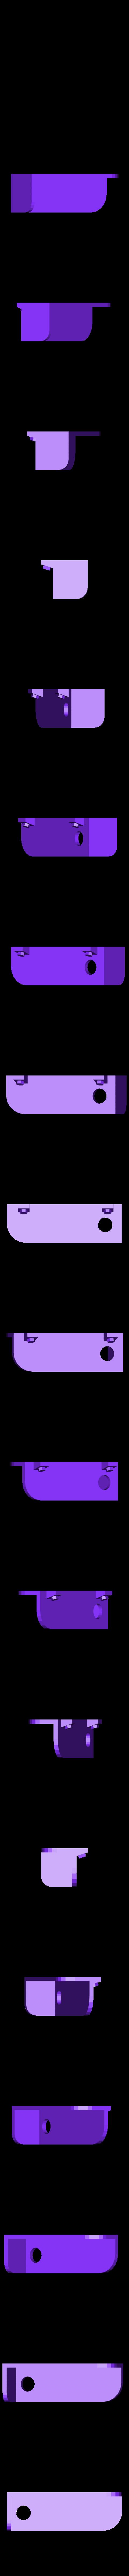 stvetloP.stl Download STL file MONAKO RC MODEL BOAT TUG • 3D printable template, maca-artwork